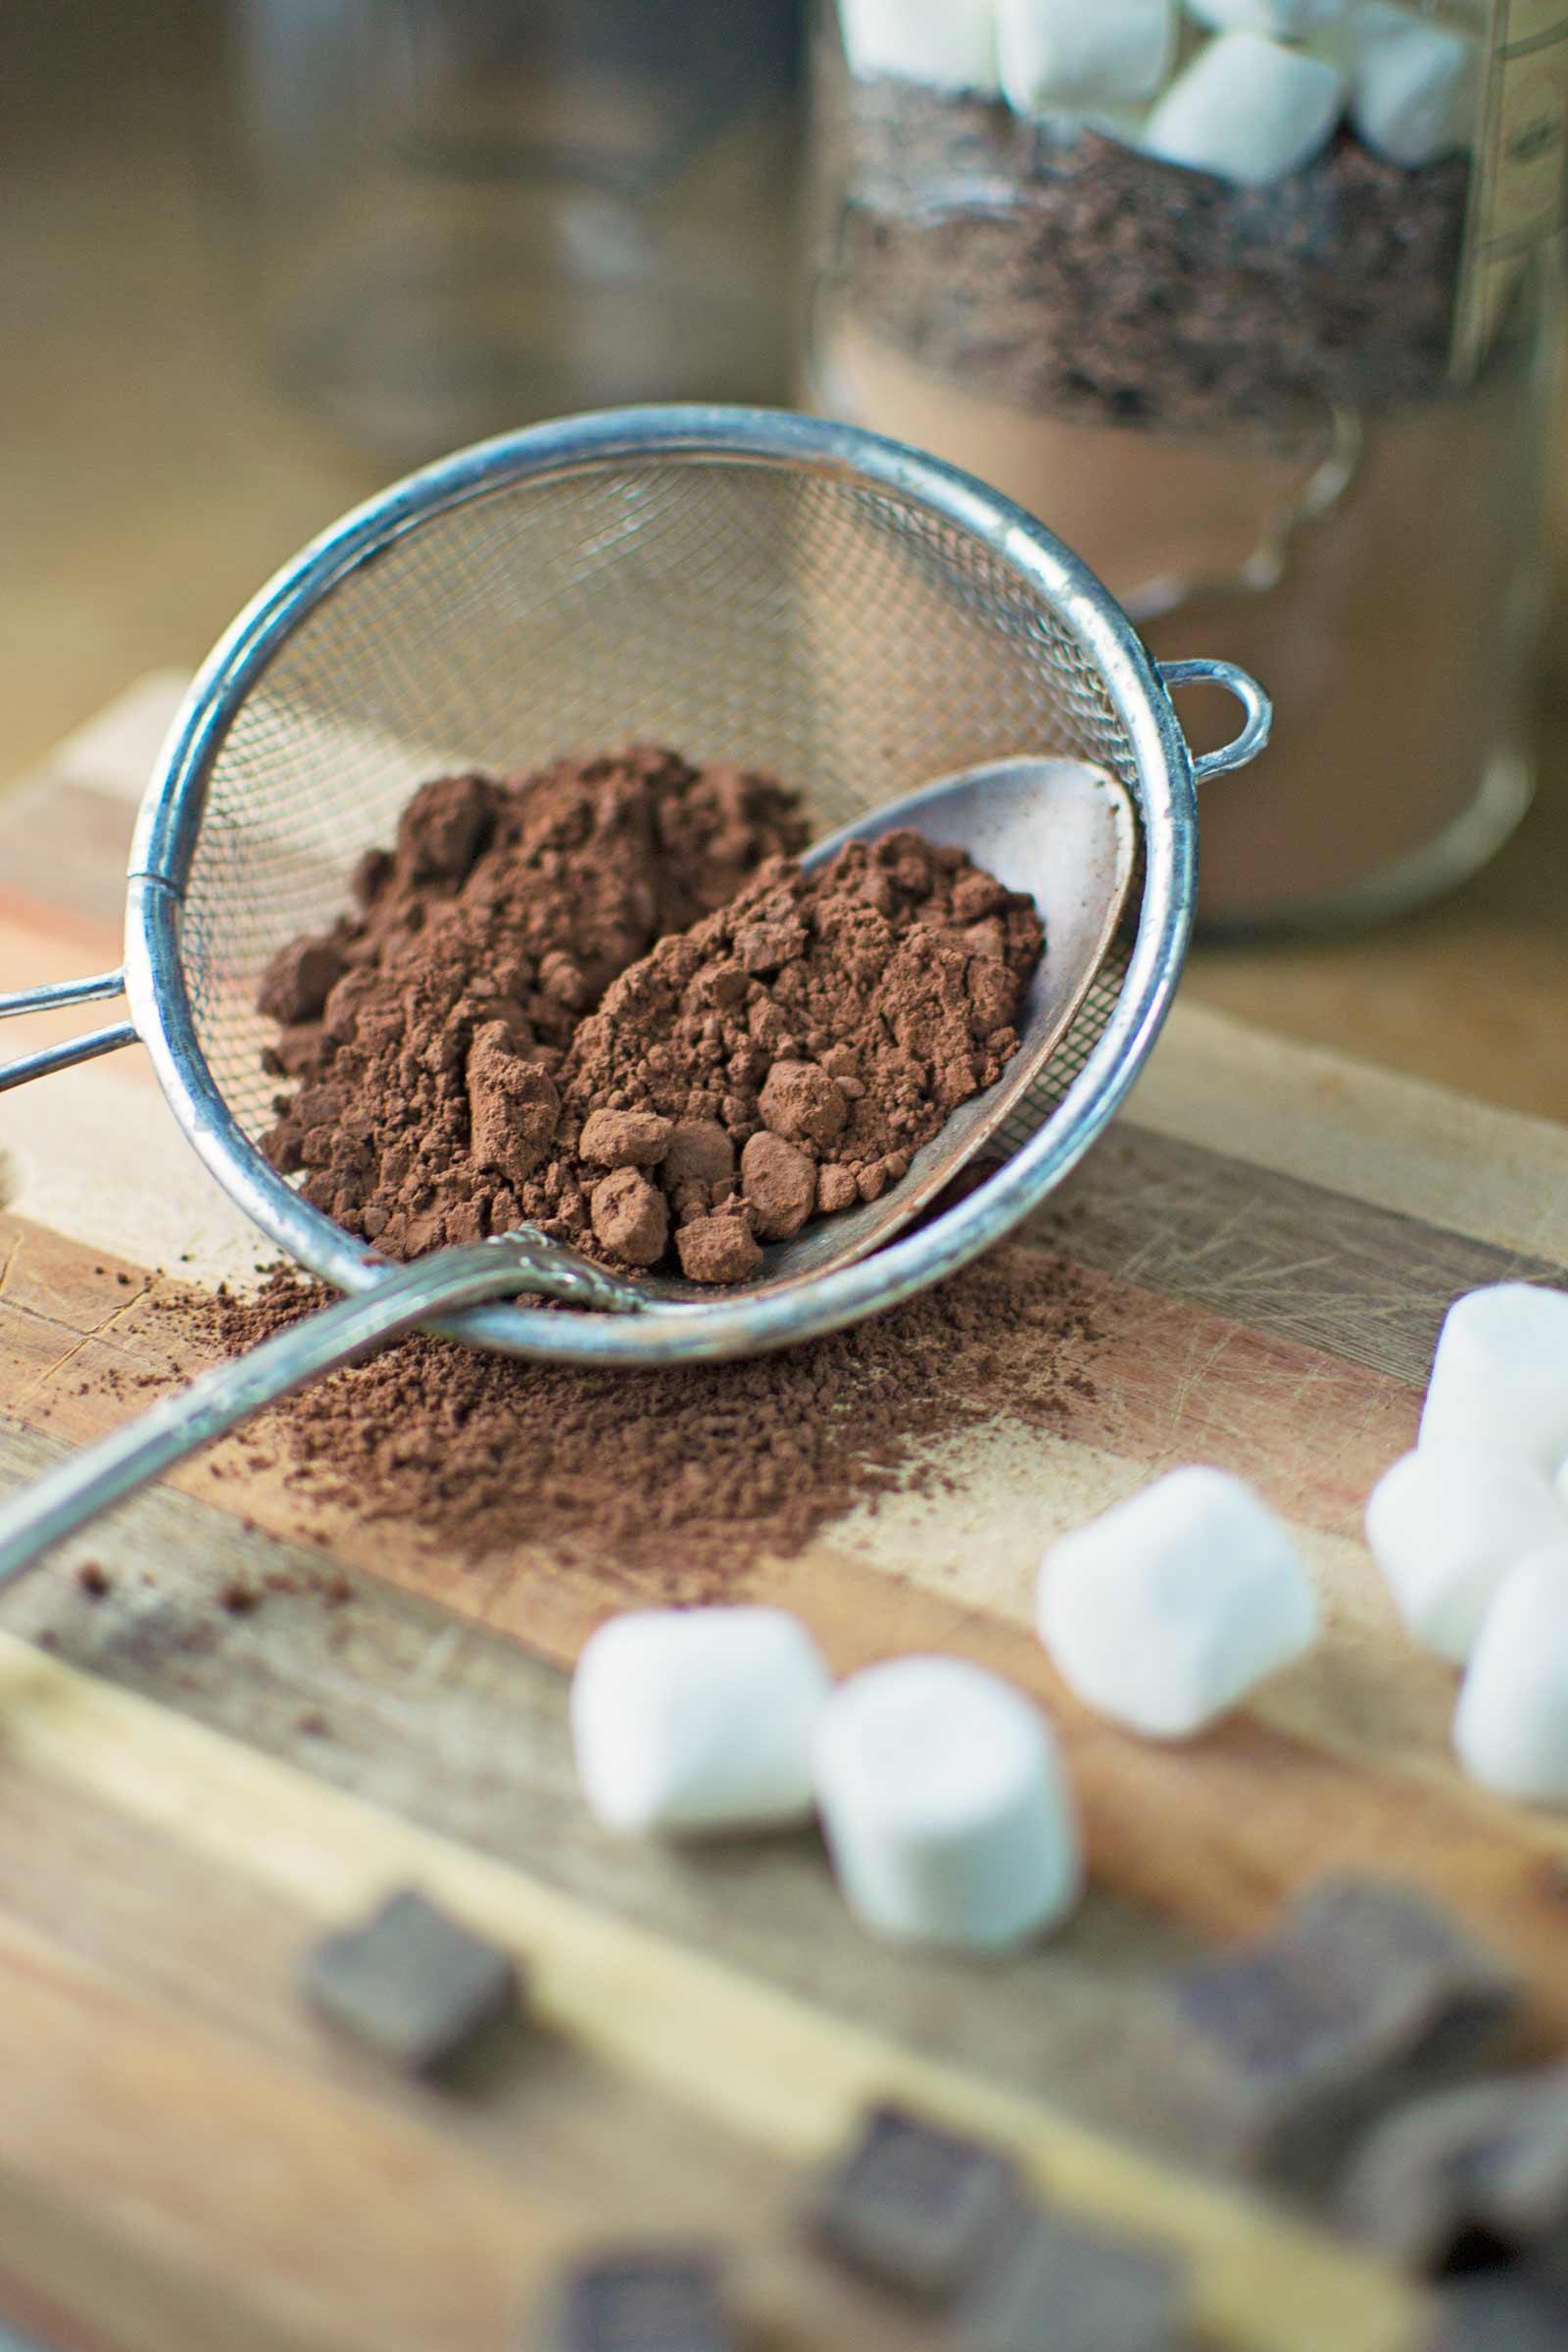 Hot Cocoa Mix - @LittleFiggyFood - #HotCocoa - #GiftFromTheKitchen